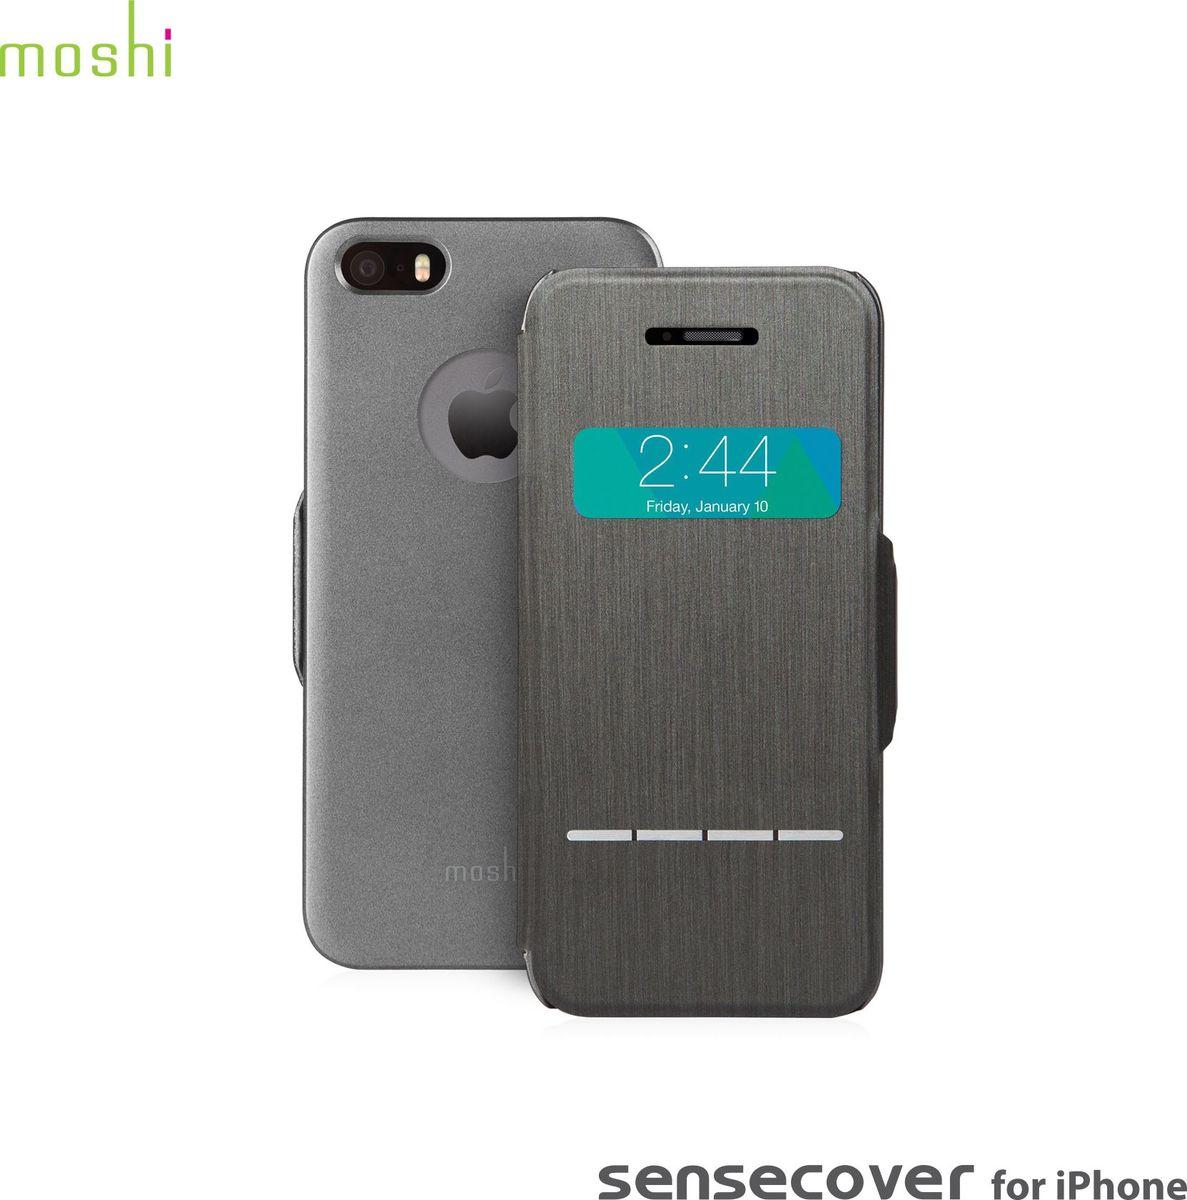 Moshi SenseCoverчехол дляiPhone 5/5s, Steel Black99MO072001Оригинально спроектированный, чехол Moshi SenseCover обеспечивает наилучшую функциональность и полную защиту вашего нового iPhone. Передняя часть включает в себя четыре сегмента SensArray, которые позволяют вам отвечать на звонки или сбрасывать их, выключать будильник и выполнять некоторые другие операции, при этом не имея необходимости открывать чехол. Идеальный тандем с iVisor для особой безопасности. Элегантный с виду и очень функциональный SenseCover обеспечит настоящее удовольствие при его эксплуатации.Характеристики:Всесторонняя защита устройства с тонкой передней обложкой из мягкого микроволокна.Проверяйте дату/время, отвечайте и отклоняйте звонки, просматривайте оповещения, не открывая чехла.Магнитный зажим сохранит покрытие закрытым.Все кнопки и обе камеры остаются полностью доступными.